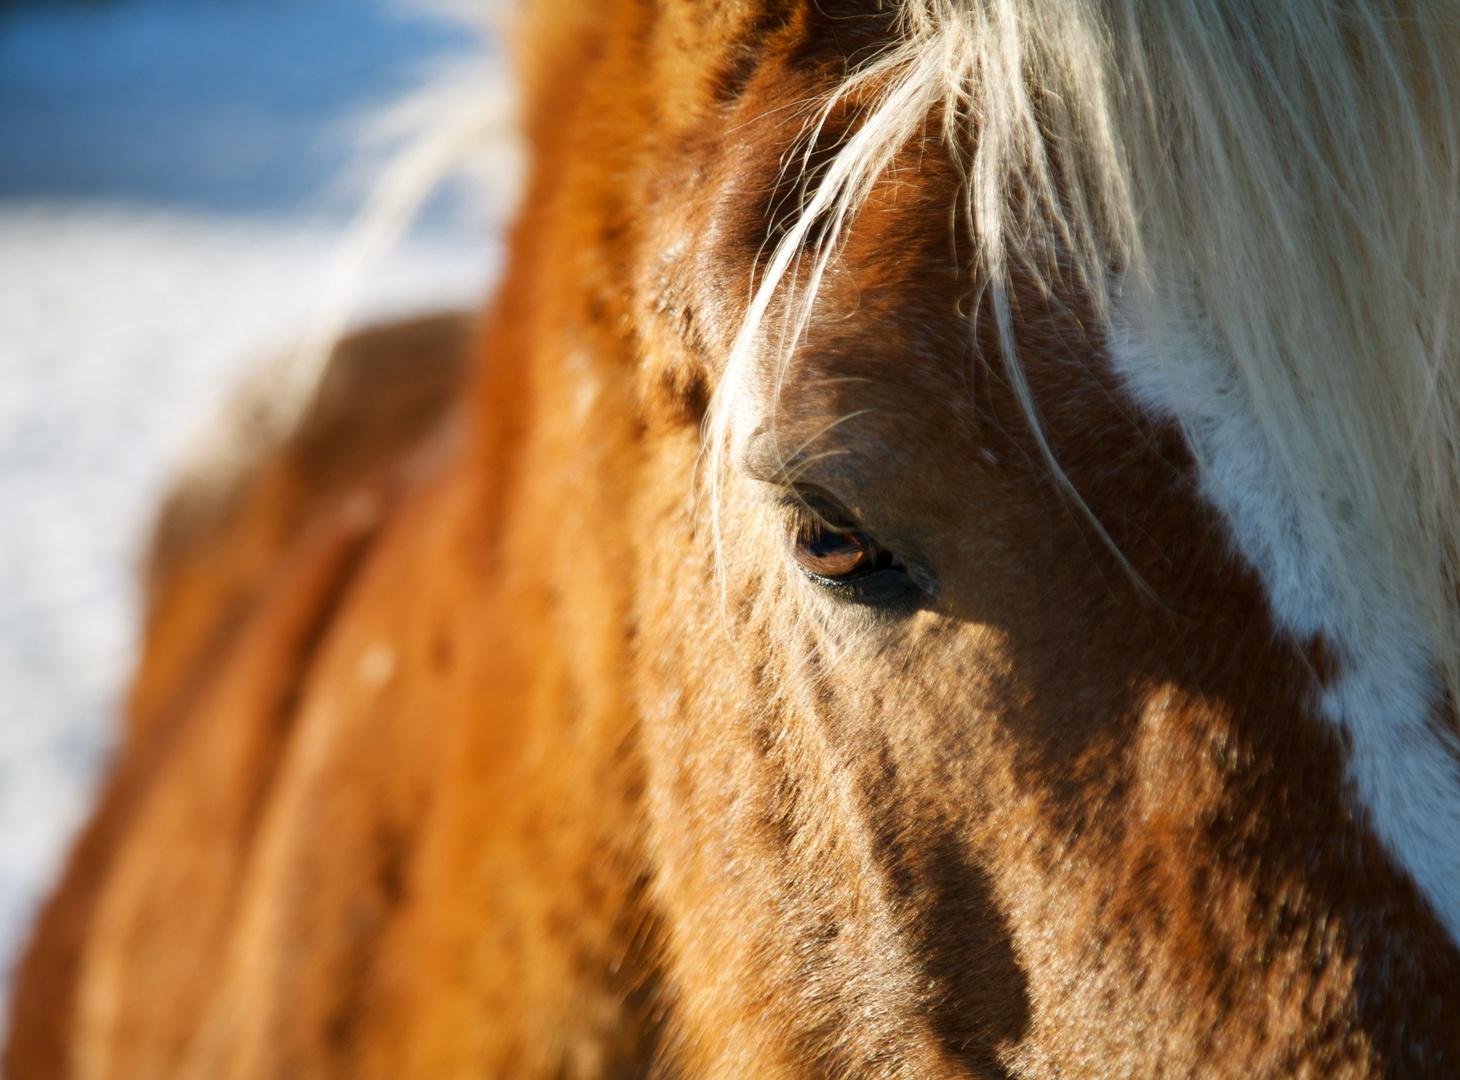 Die Seele des Pferdes äußert sich nur denjenigen, die sie suchen.